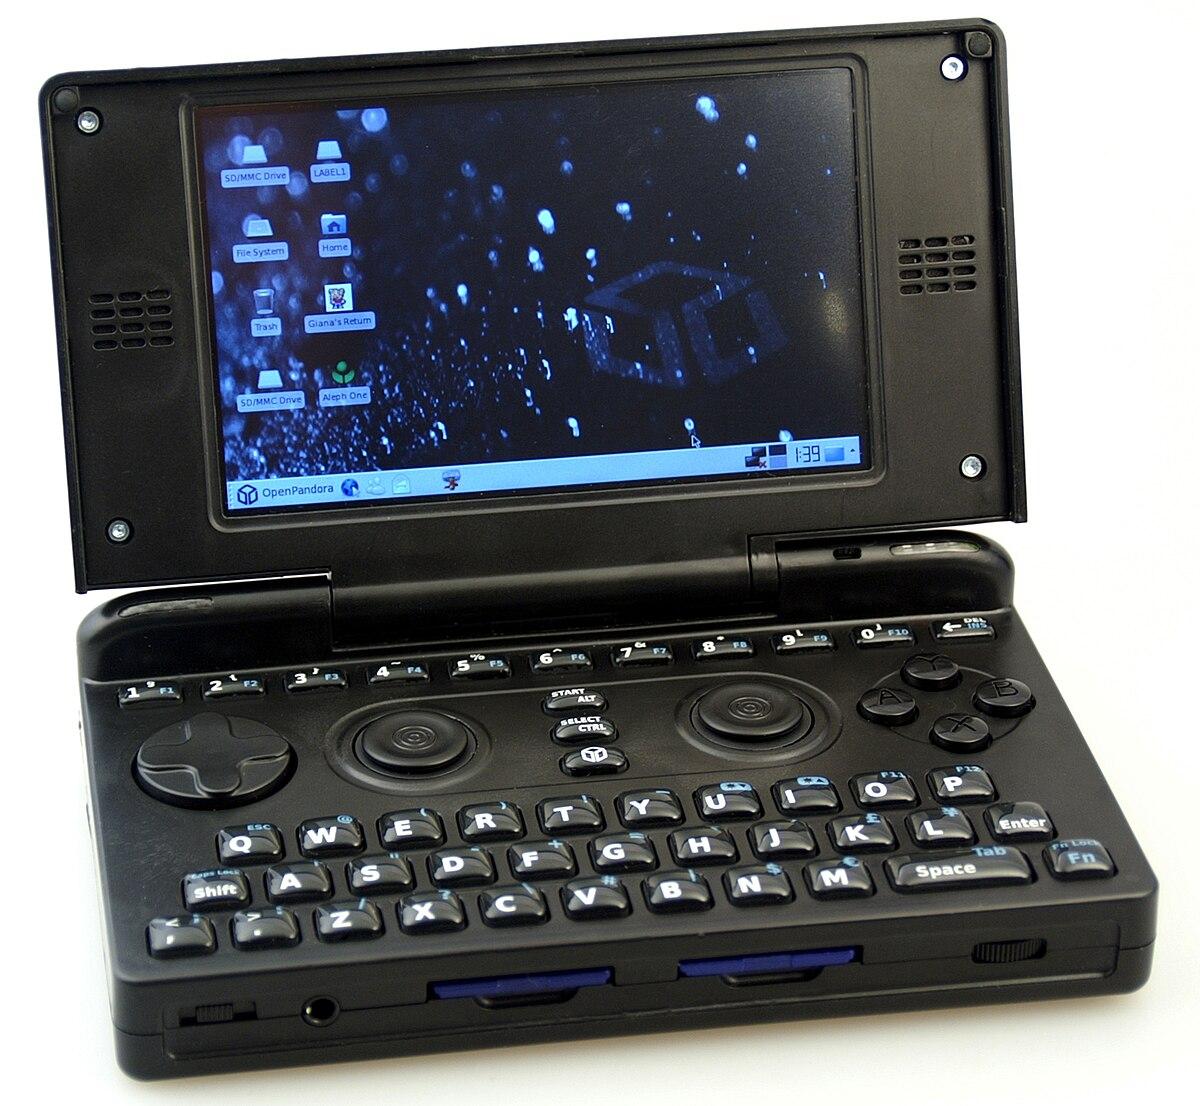 pandora console wikipedia